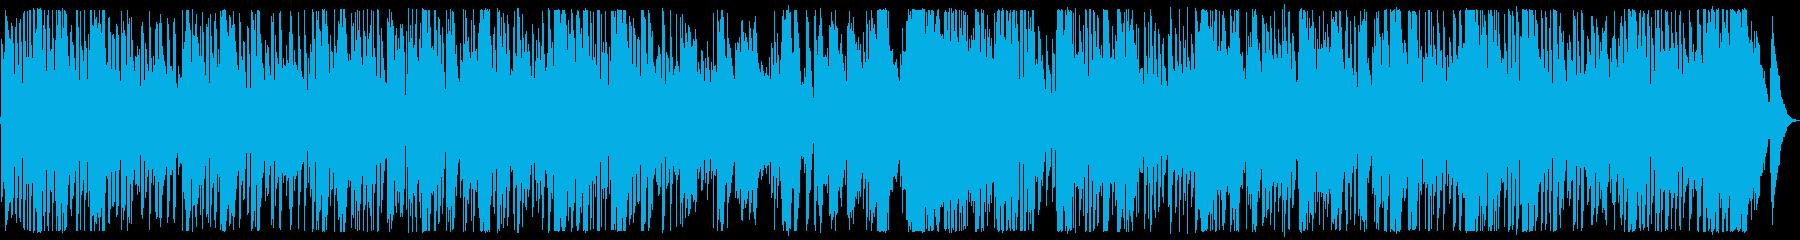 軽やかで明るいメロディのボサノバの再生済みの波形